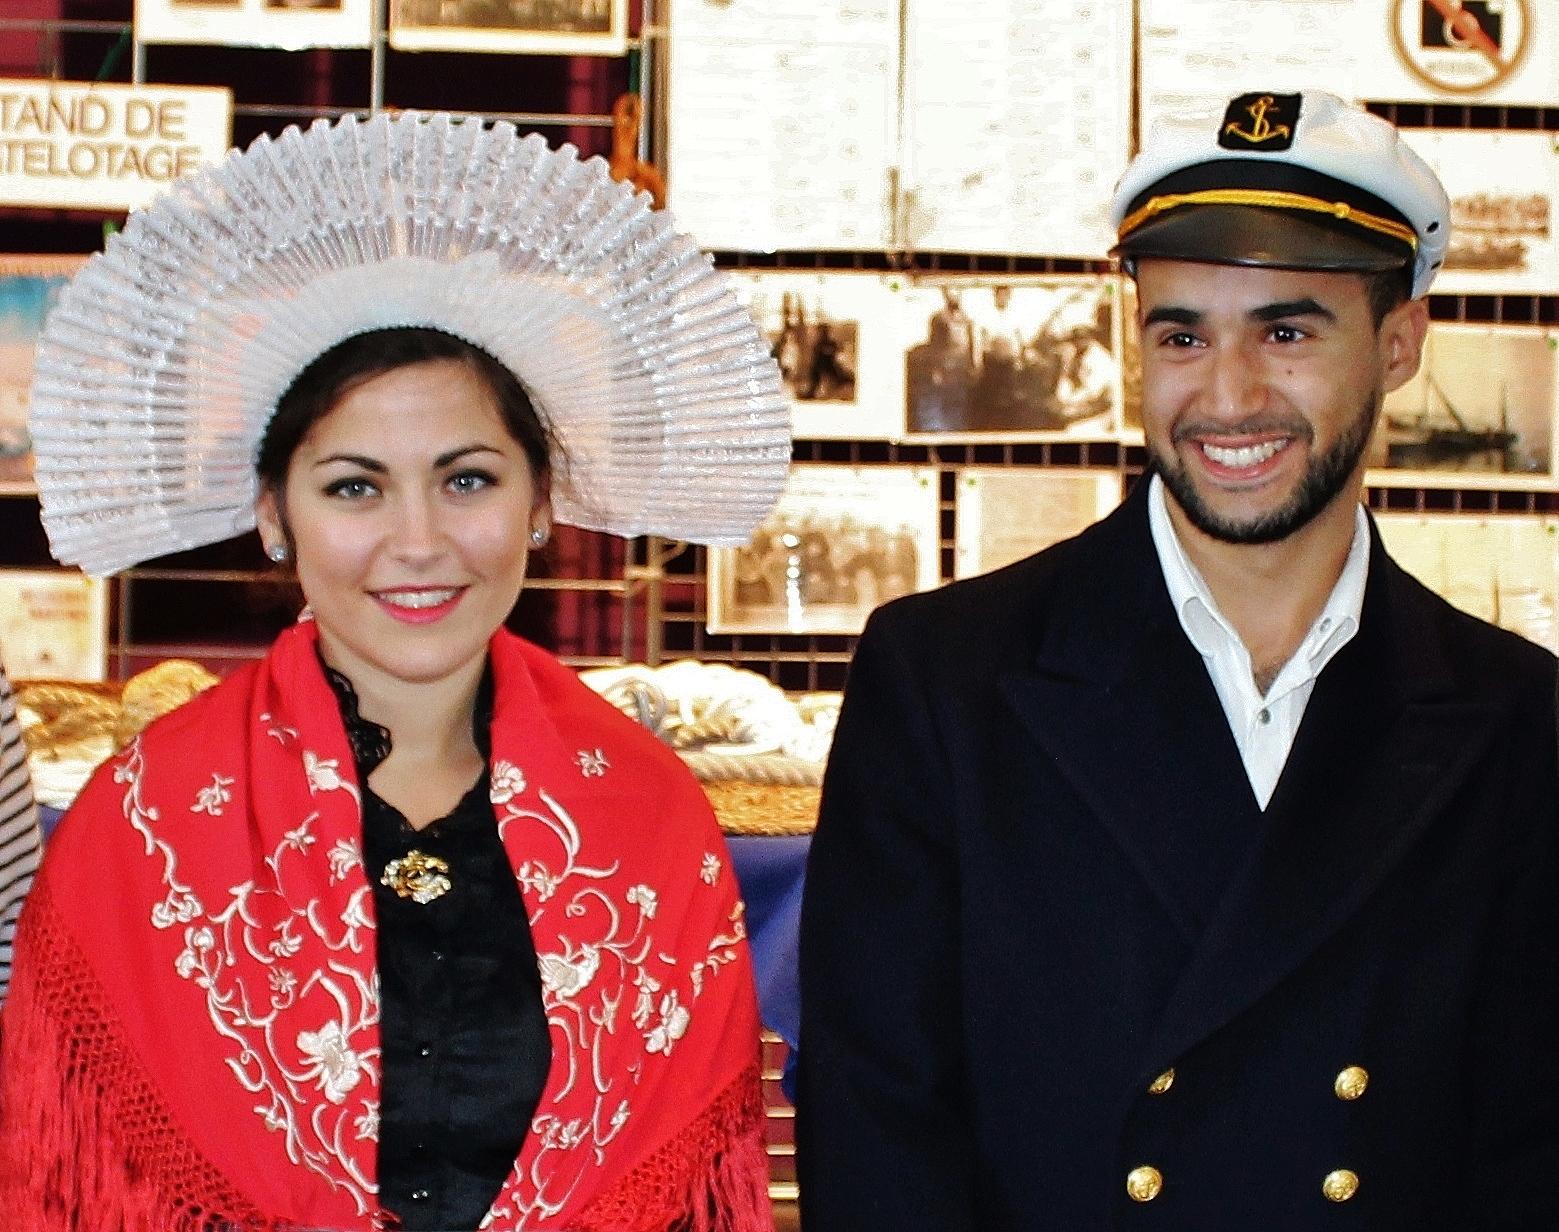 Fete des islandais hemmes de marck en calaisis capitaine et matelot 1